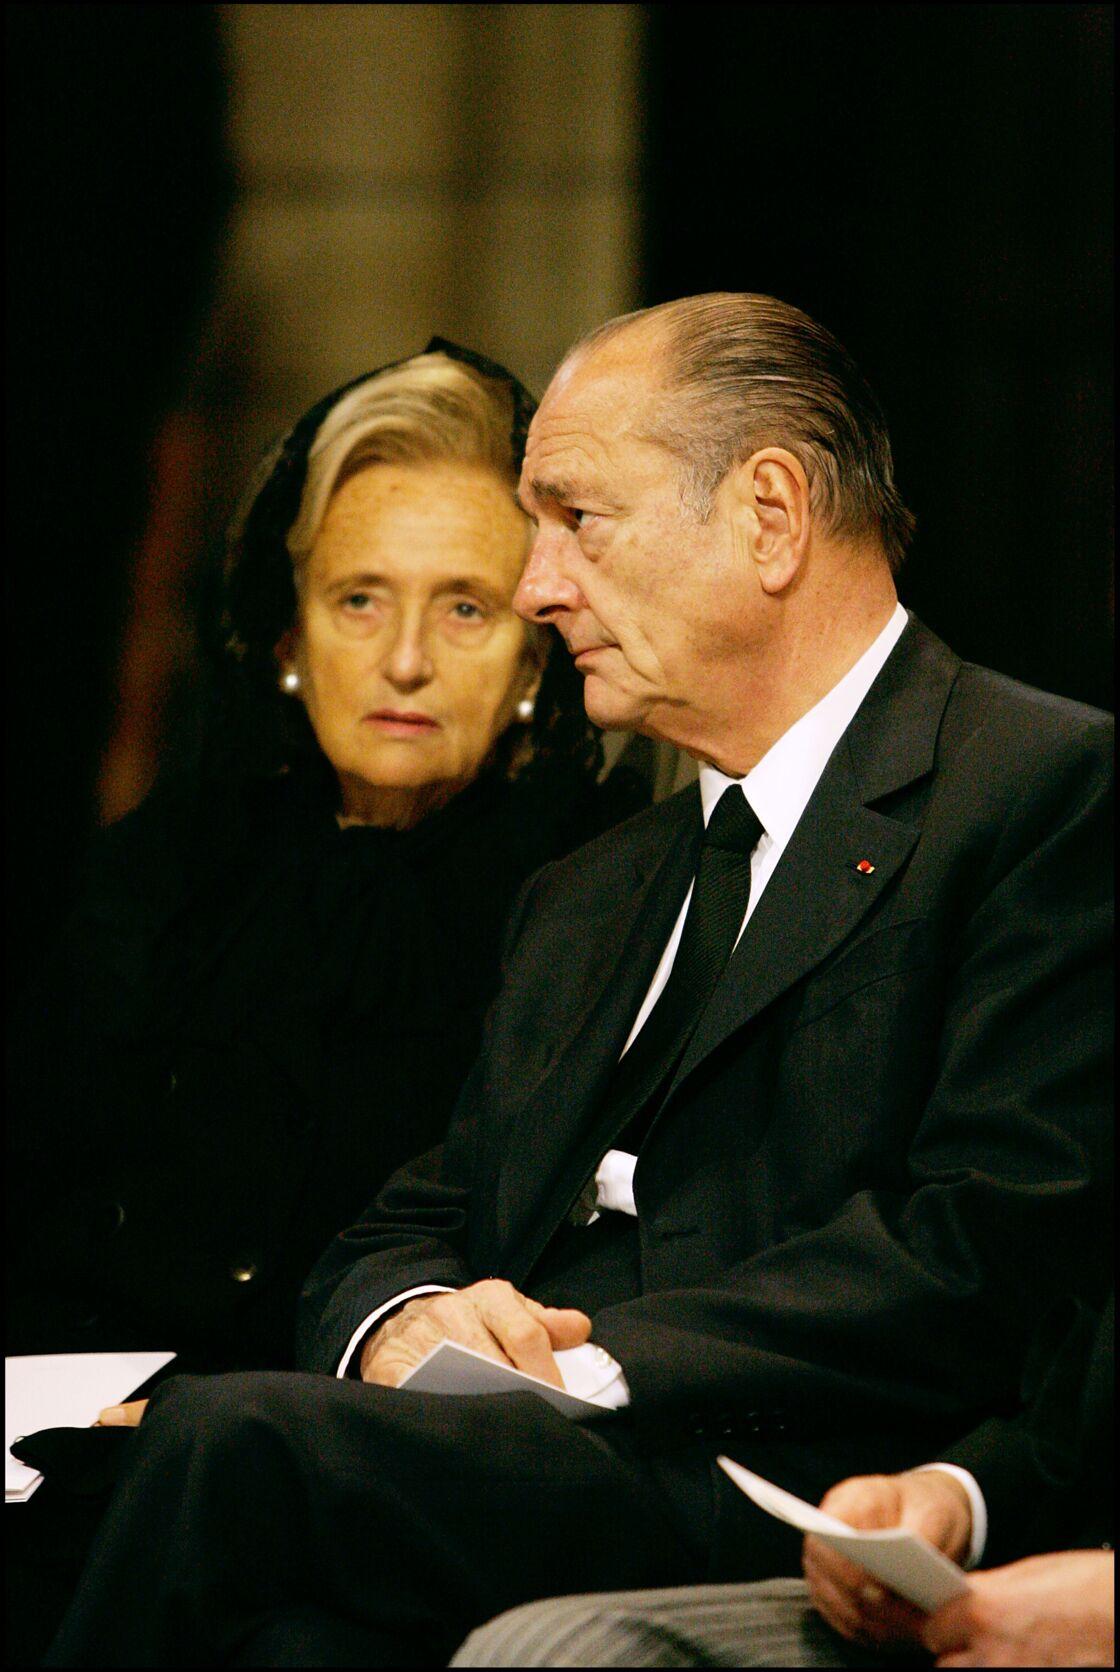 Bernadette et Jacques Chirac au obsèques du prince Rainier III en la cathédrale de Monaco, en 2005.